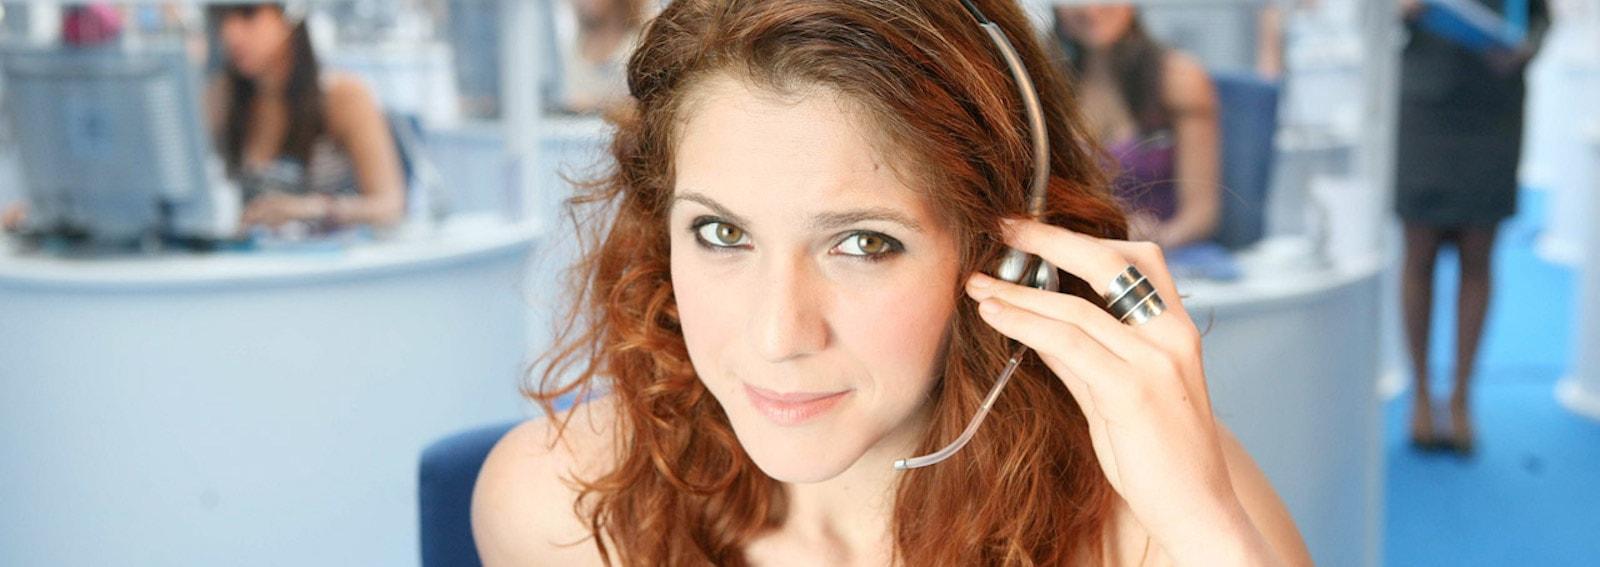 Isabella Ragonese capelli rossi